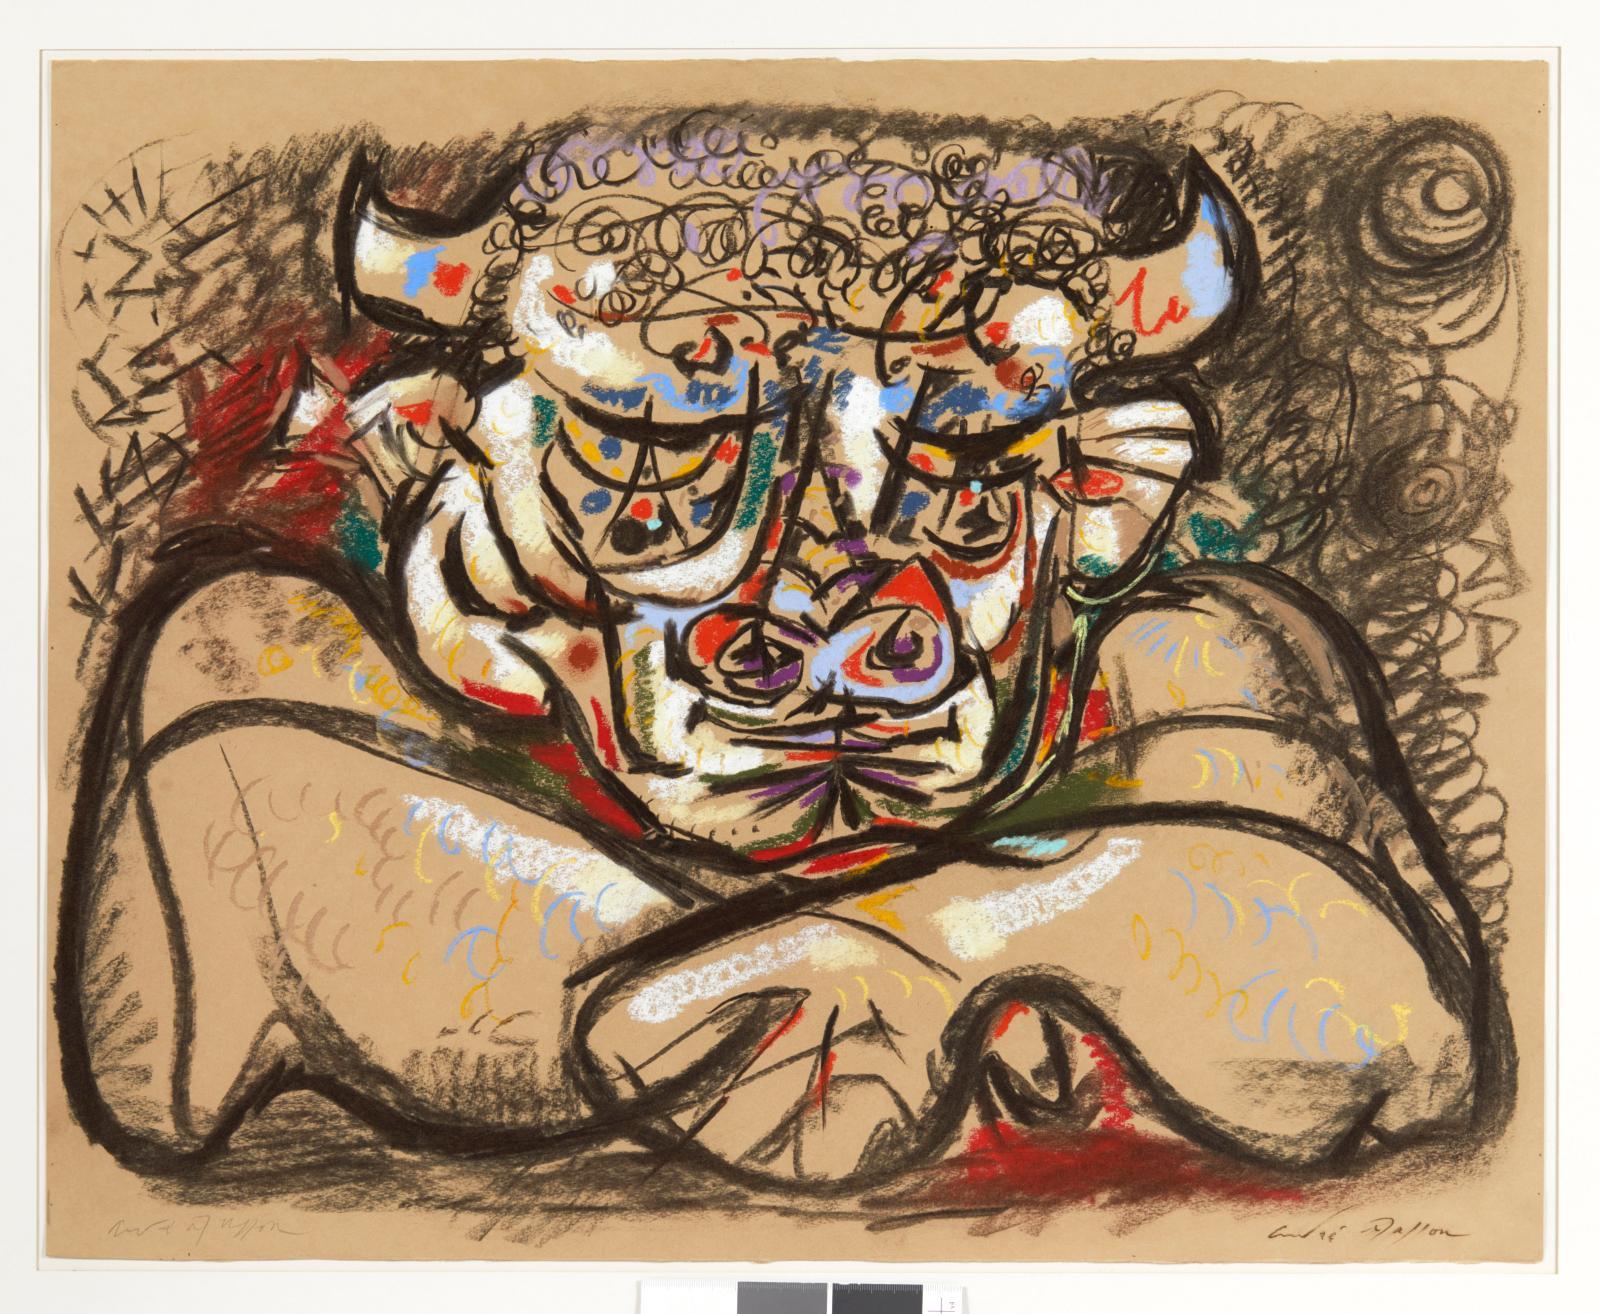 André Masson (1896-1987), Le Minotaure, 1942,pastel, signé deux foisau recto au crayonet à l'encre, 52x 66cm. Estimation : 9000/100